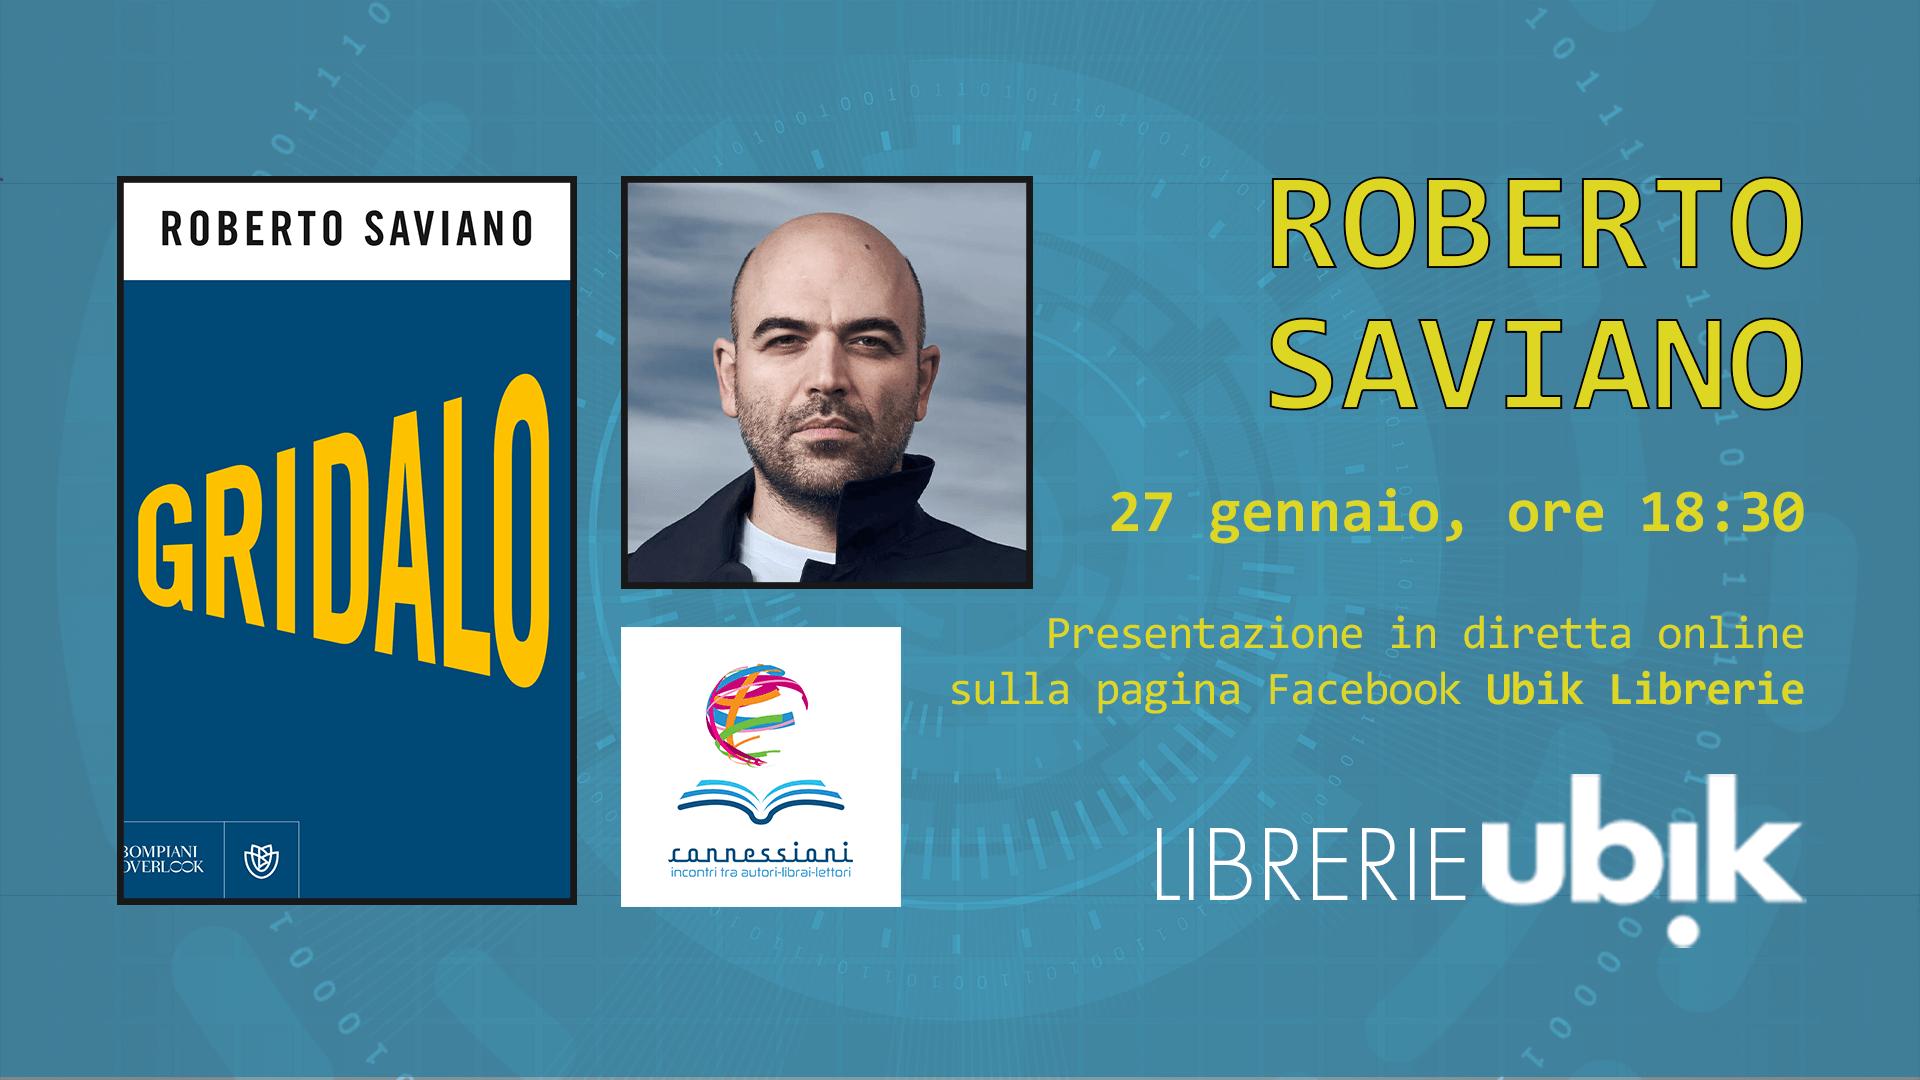 ROBERTO SAVIANO presenta in diretta online